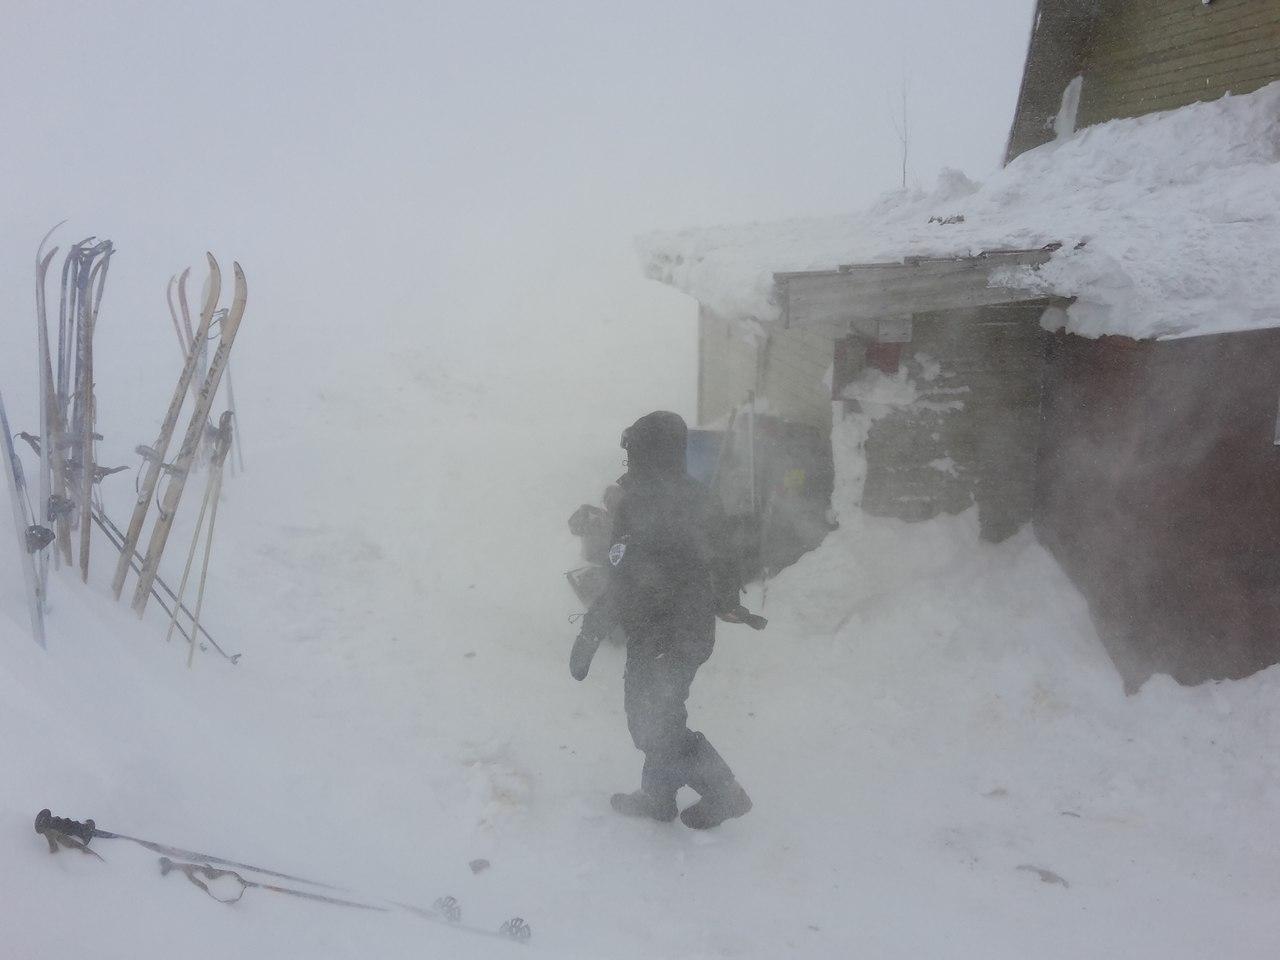 Еще нужно постараться, чтобы вызволить лыжи из снежного плена